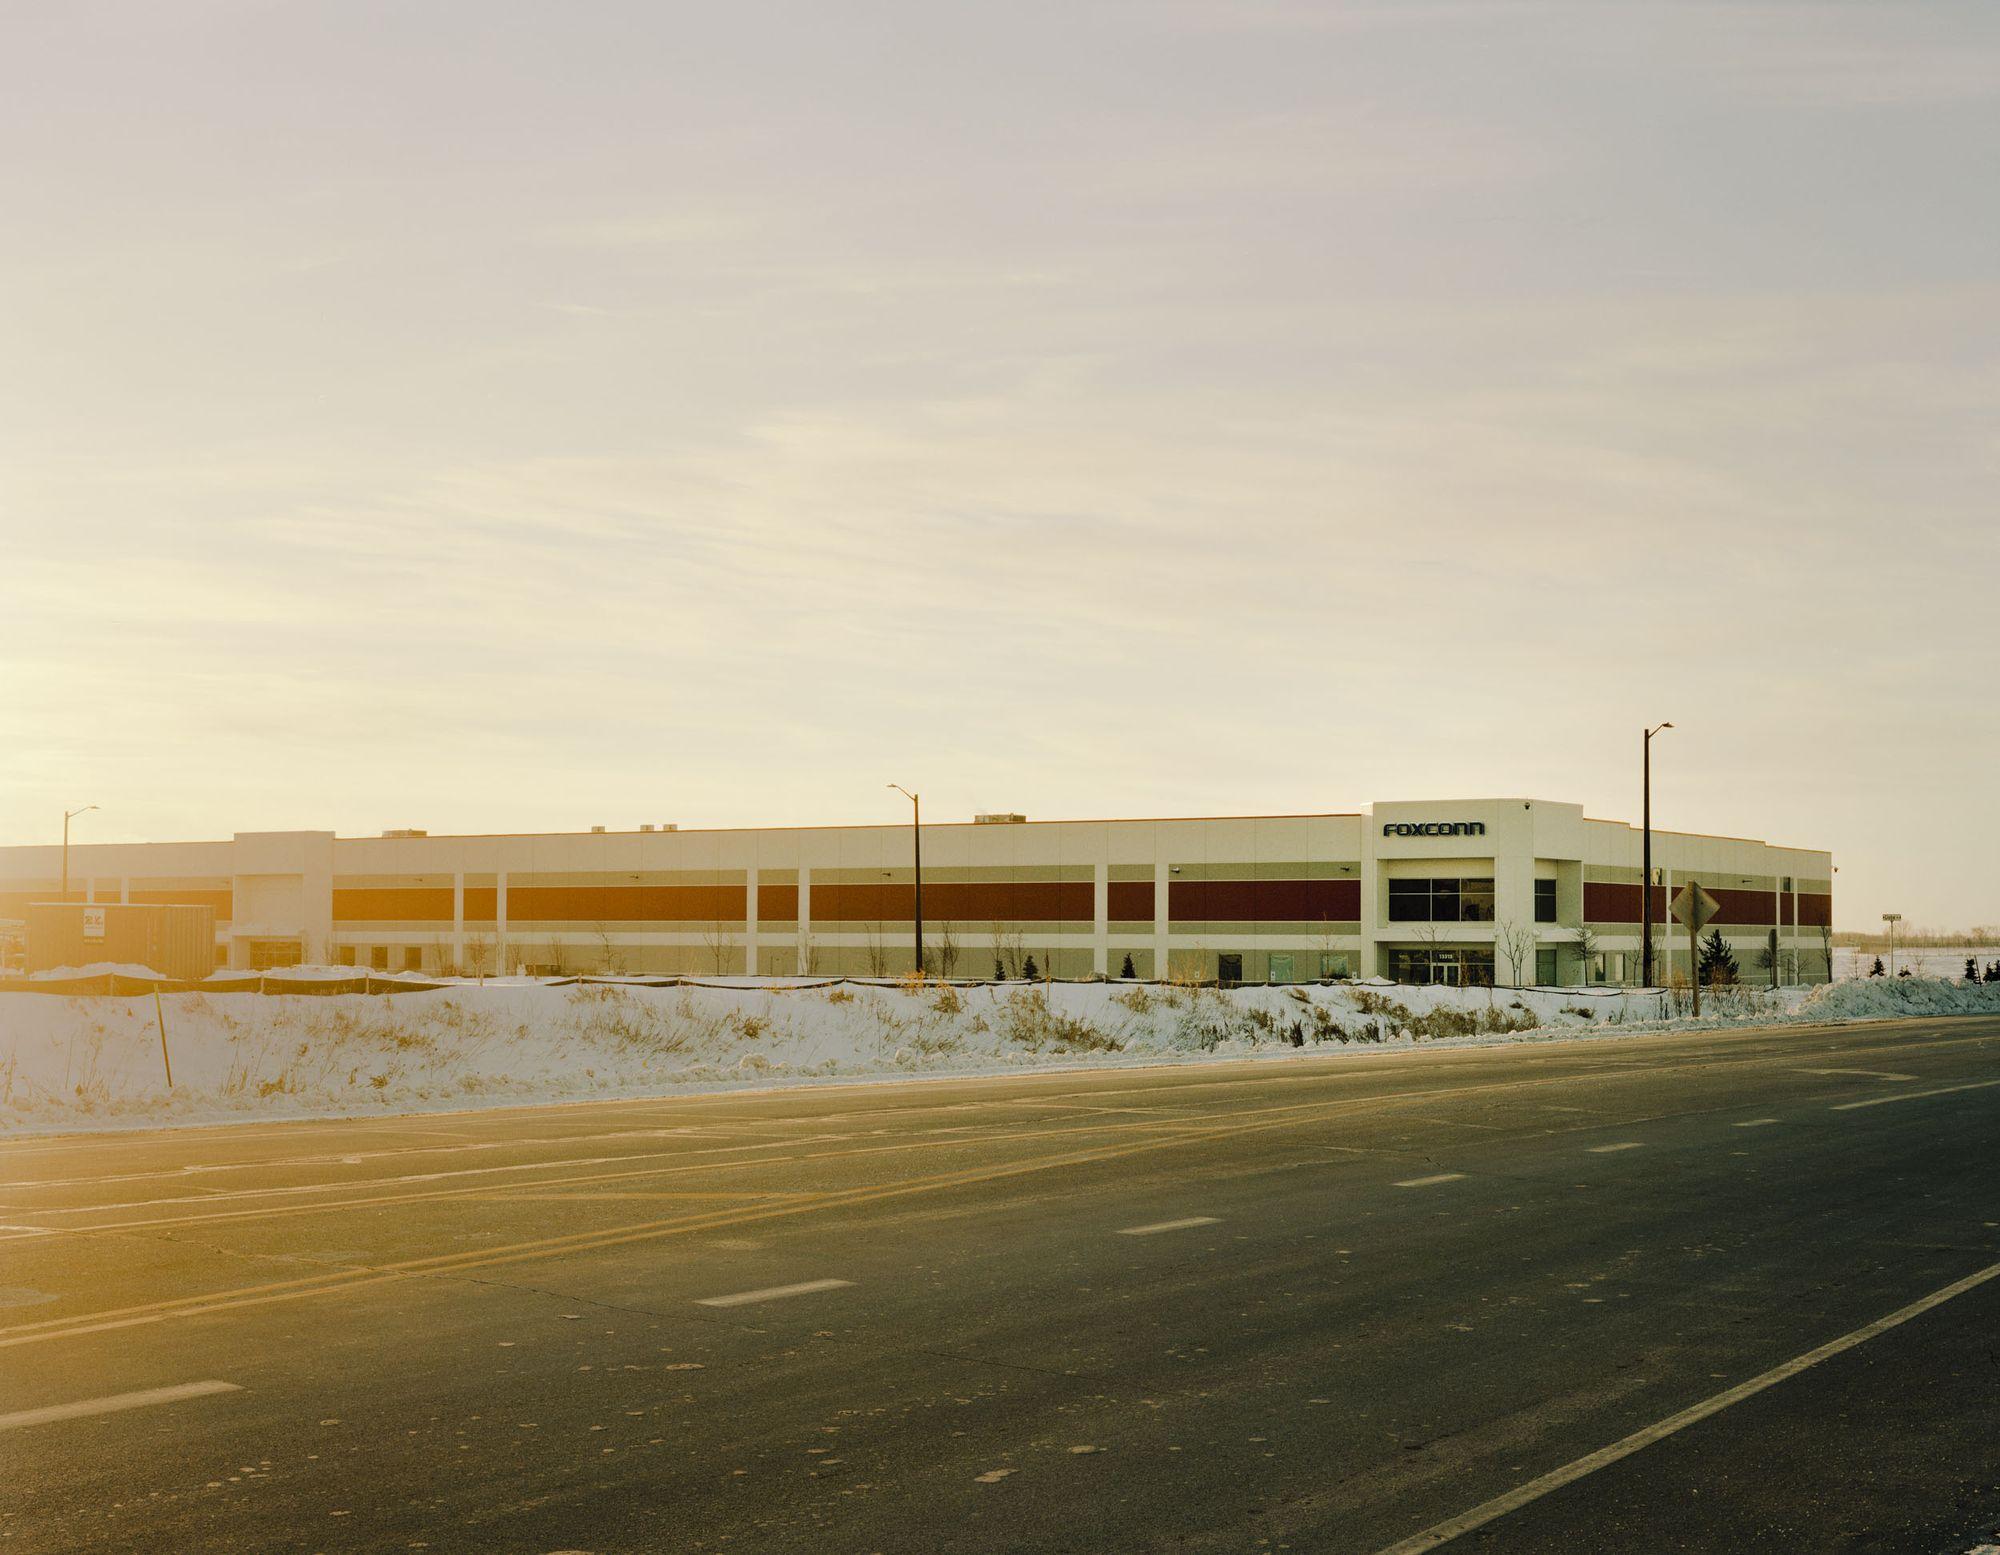 富士康位于Mount Pleasant的实验培训中心,该公司正在那里测试液晶显示器的生产,并为其员工做好准备。